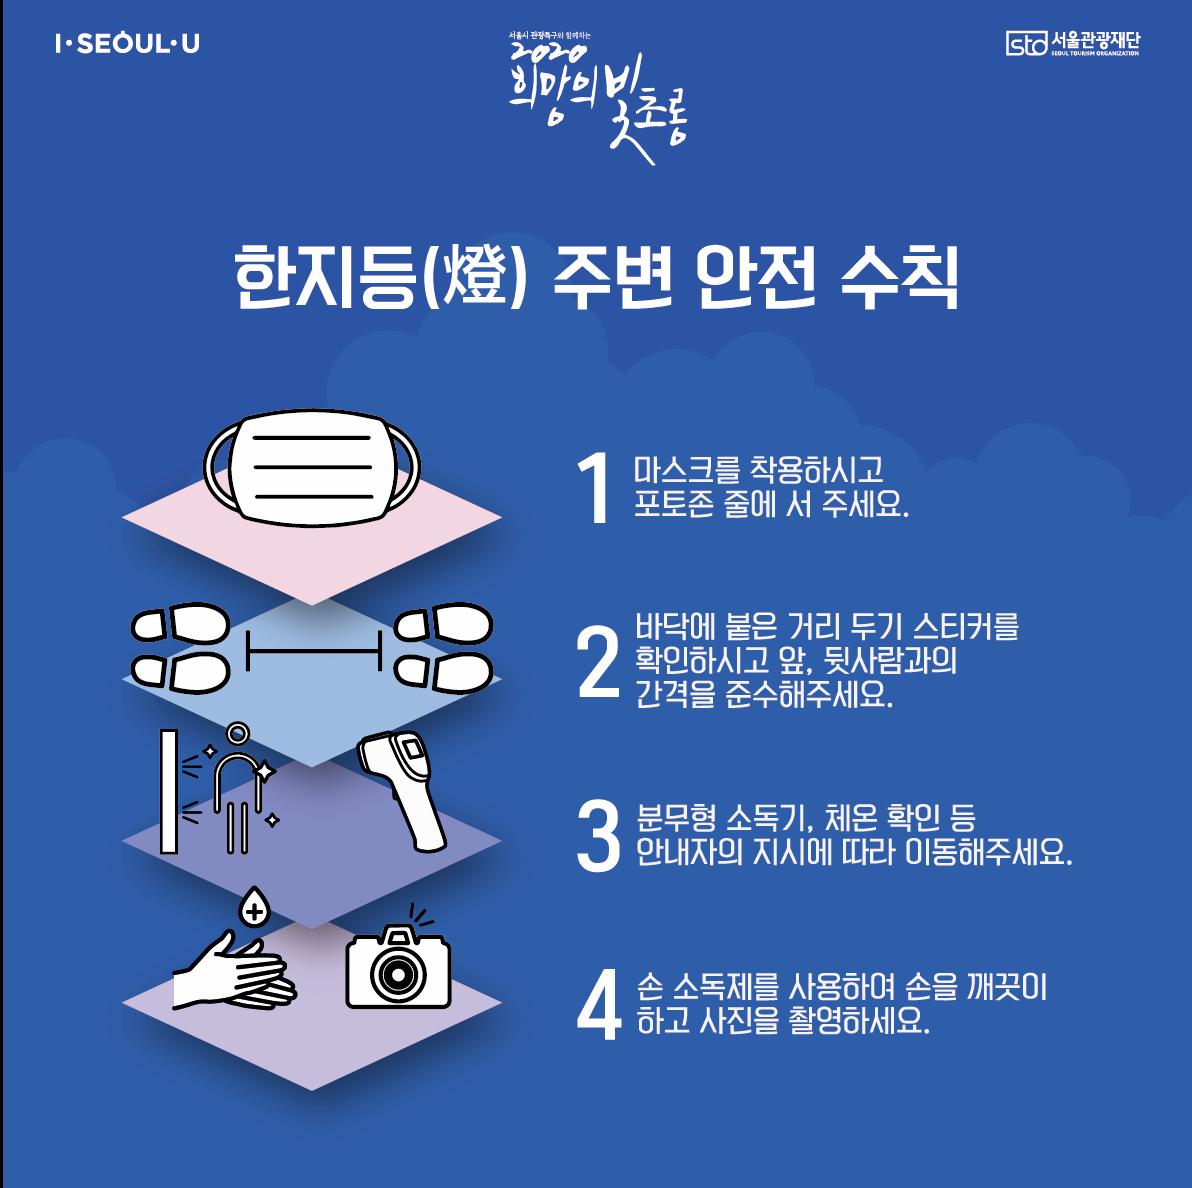 서울시관광특구와함께하는2020희망의빛초롱한지등(燈) 주변 안전 수칙1. 마스크를 착용하시고 포토존 줄에 서 주세요.2. 바닥에 붙은 거리 두기 스티커를 확인하시고 앞, 뒷사람과의 간격을 준수해주세요.3. 분무형 소독기, 체온 확인 등 안내자의 지시에 따라 이동해주세요.4. 손 소독제를 사용하여 손을 깨끗이하고 사진을 촬영하세요.